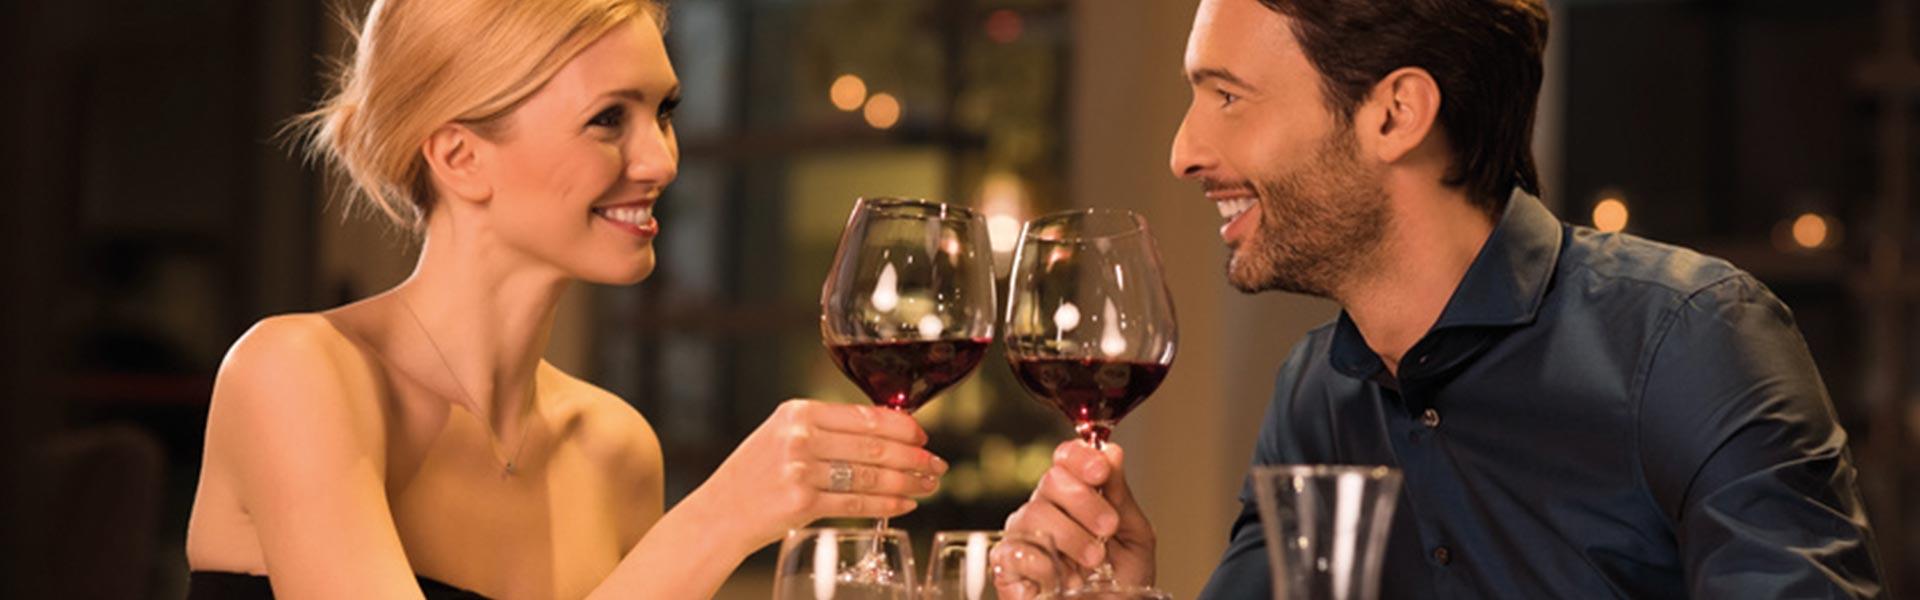 Romantik Paar | Rido - fotolia.com